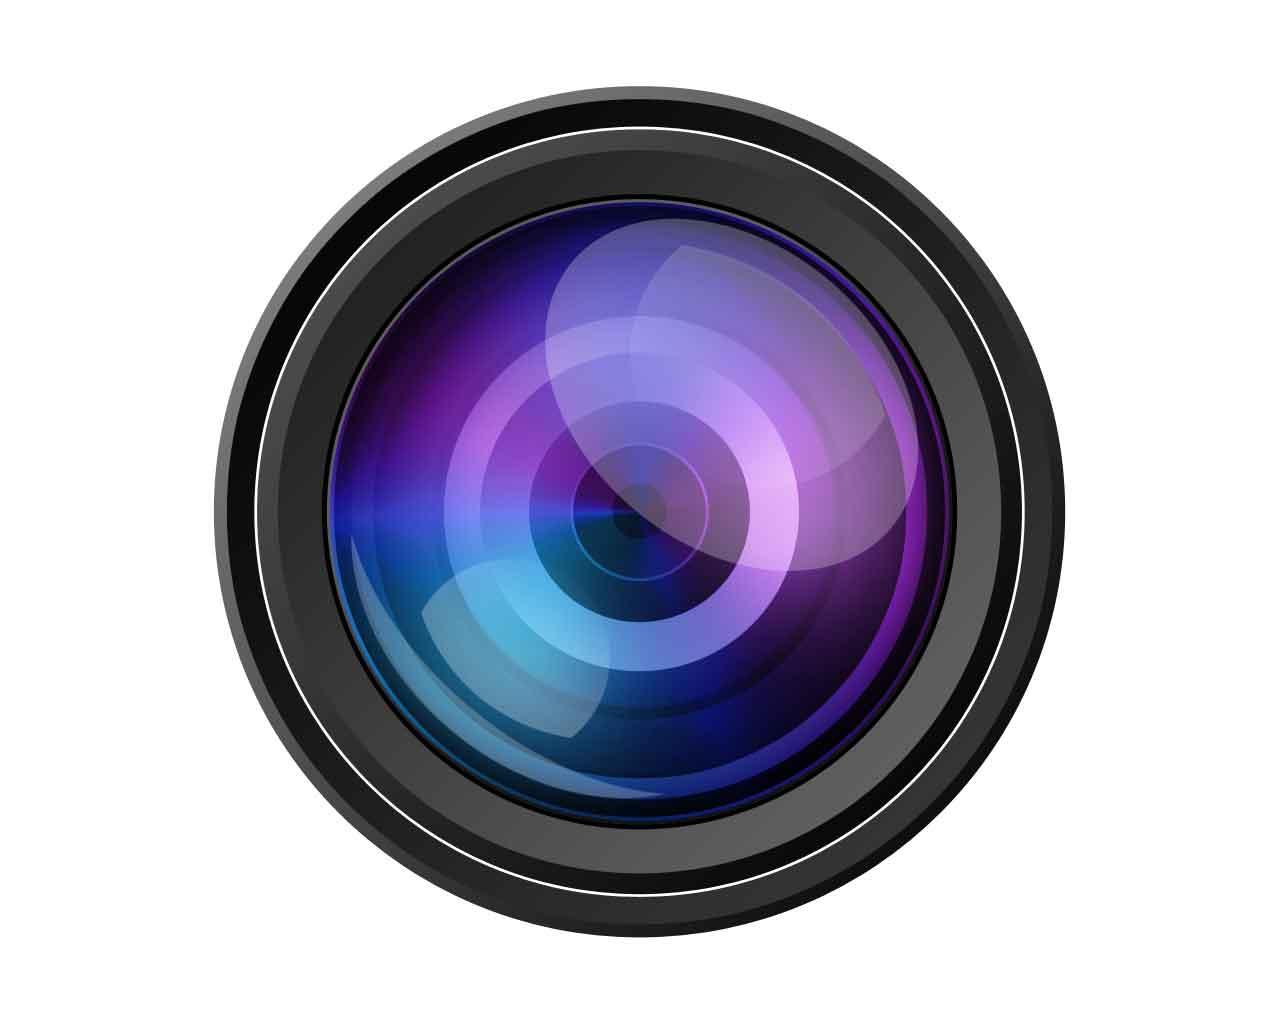 http://4.bp.blogspot.com/_wCGQbbRNiSE/TMBjU-0FUgI/AAAAAAAAAB4/Dy4HcvyIEIw/s1600/psd-camera-lens-icon.jpg